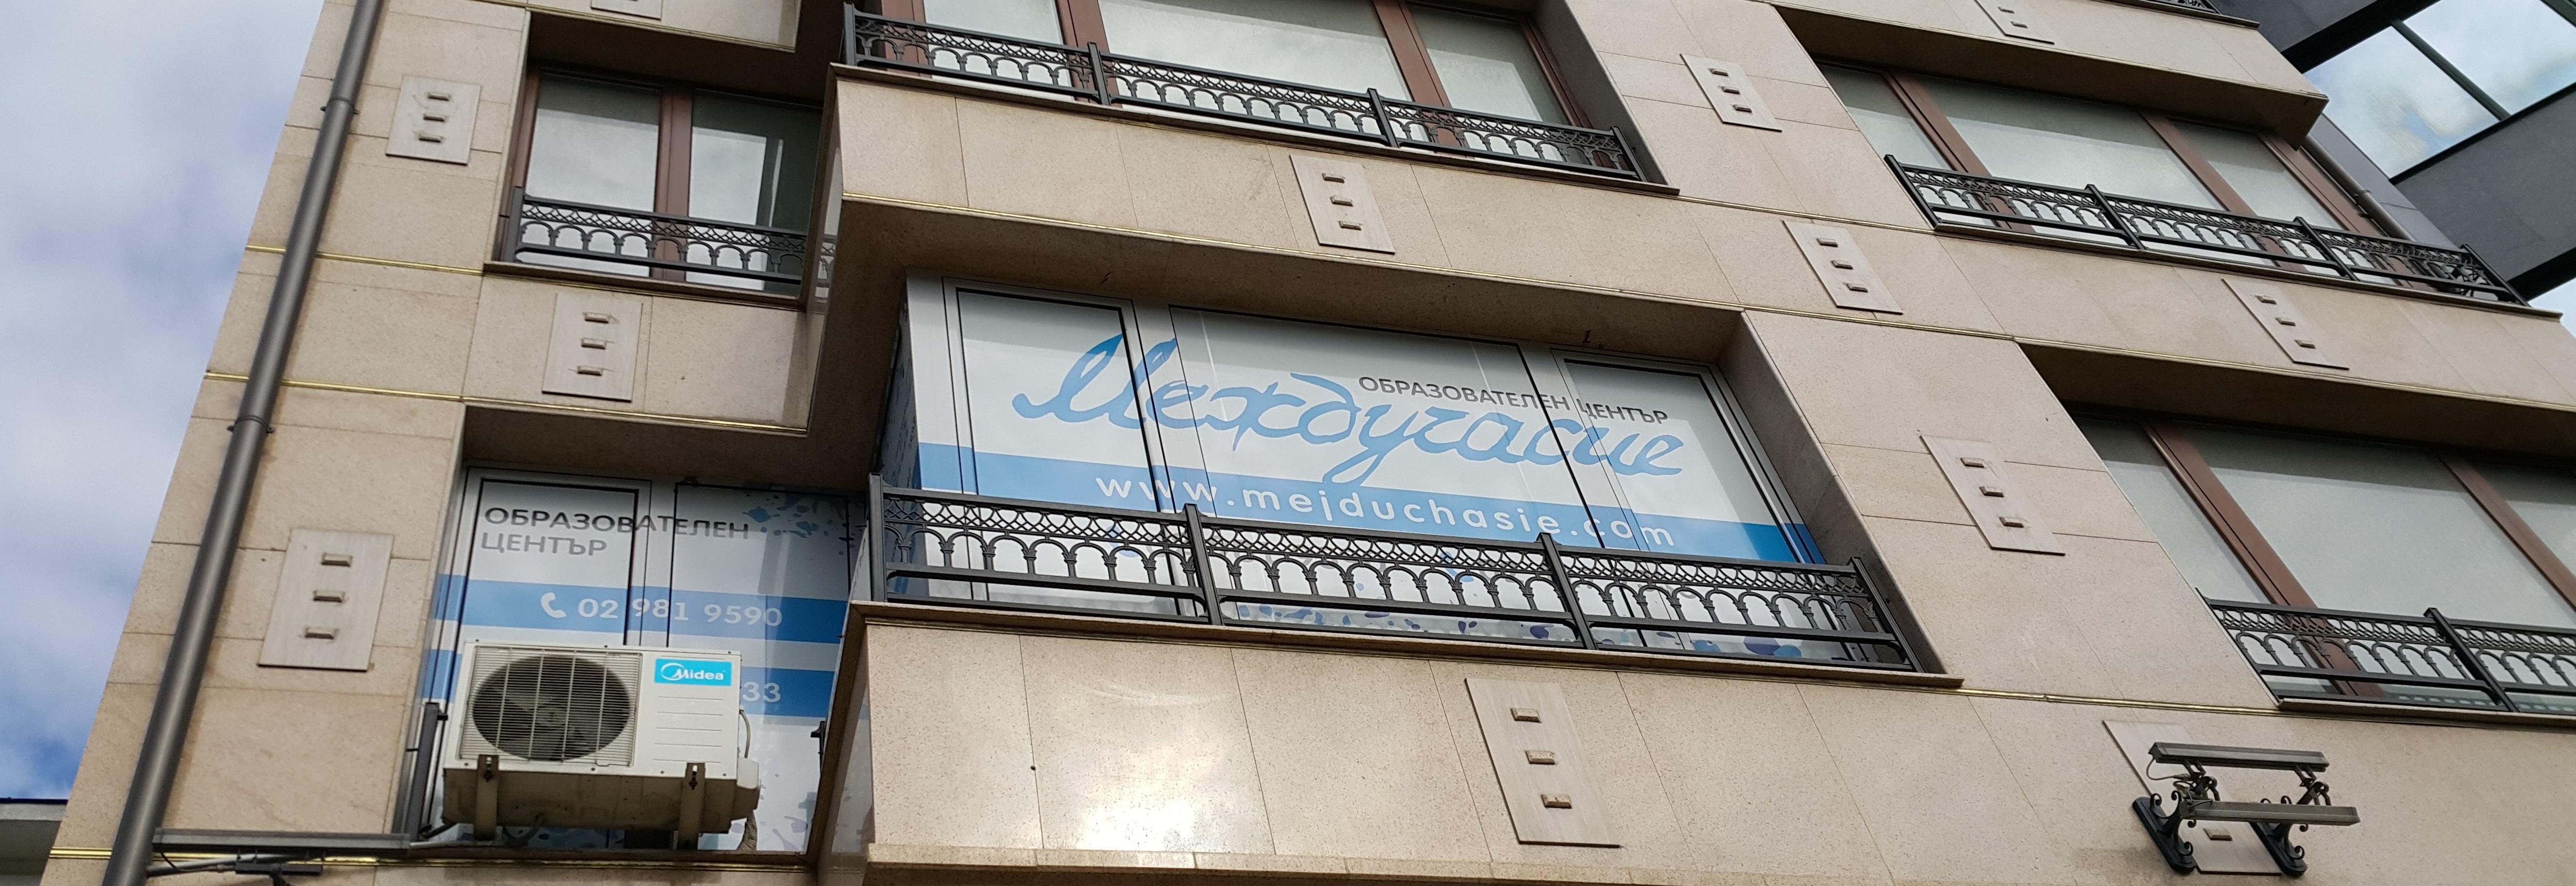 Офисът на бул Дондуков 77 с нов облик